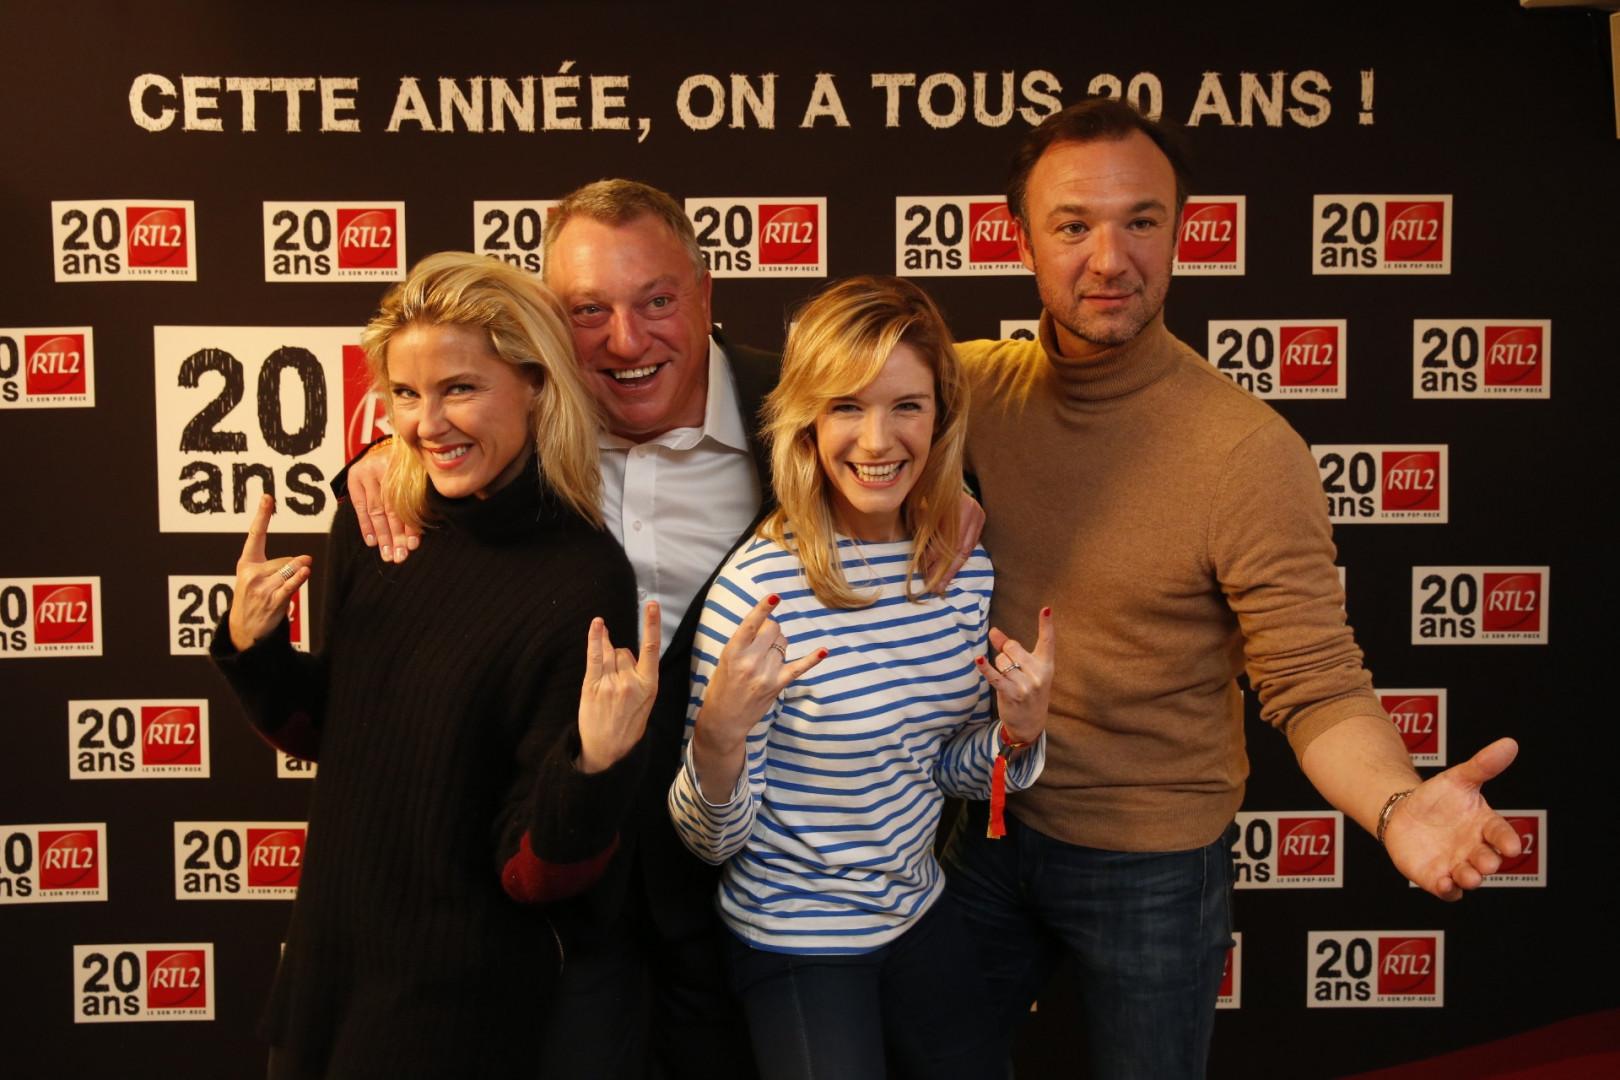 Stéphanie Renouvin, Christophe Nicolas, Louise Ekland et Alexandre Devoise